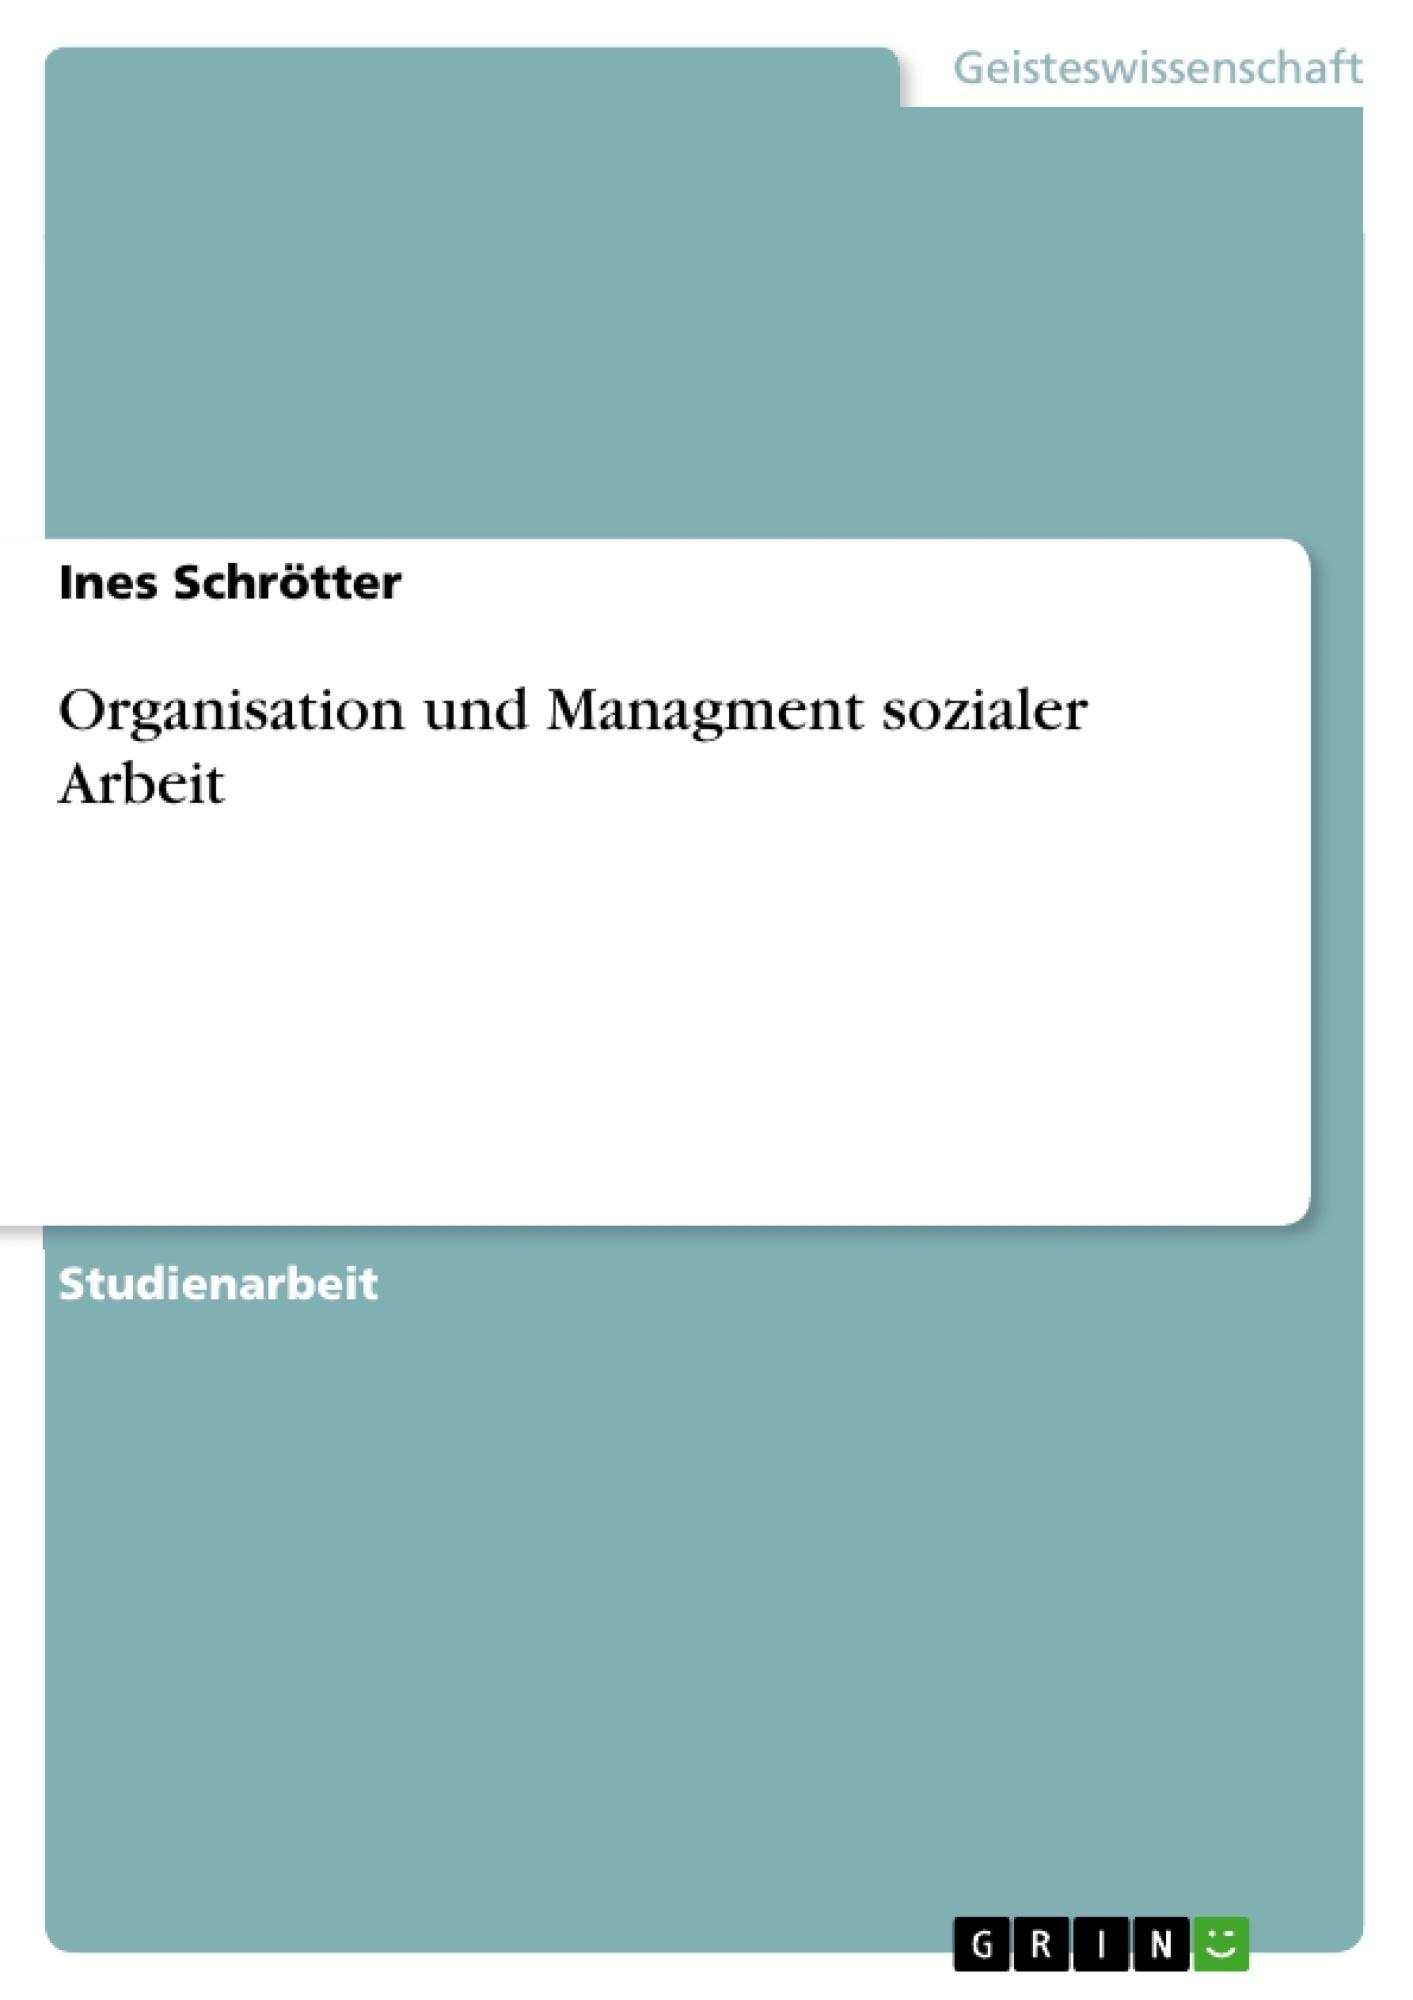 Titel: Organisation und Managment sozialer Arbeit